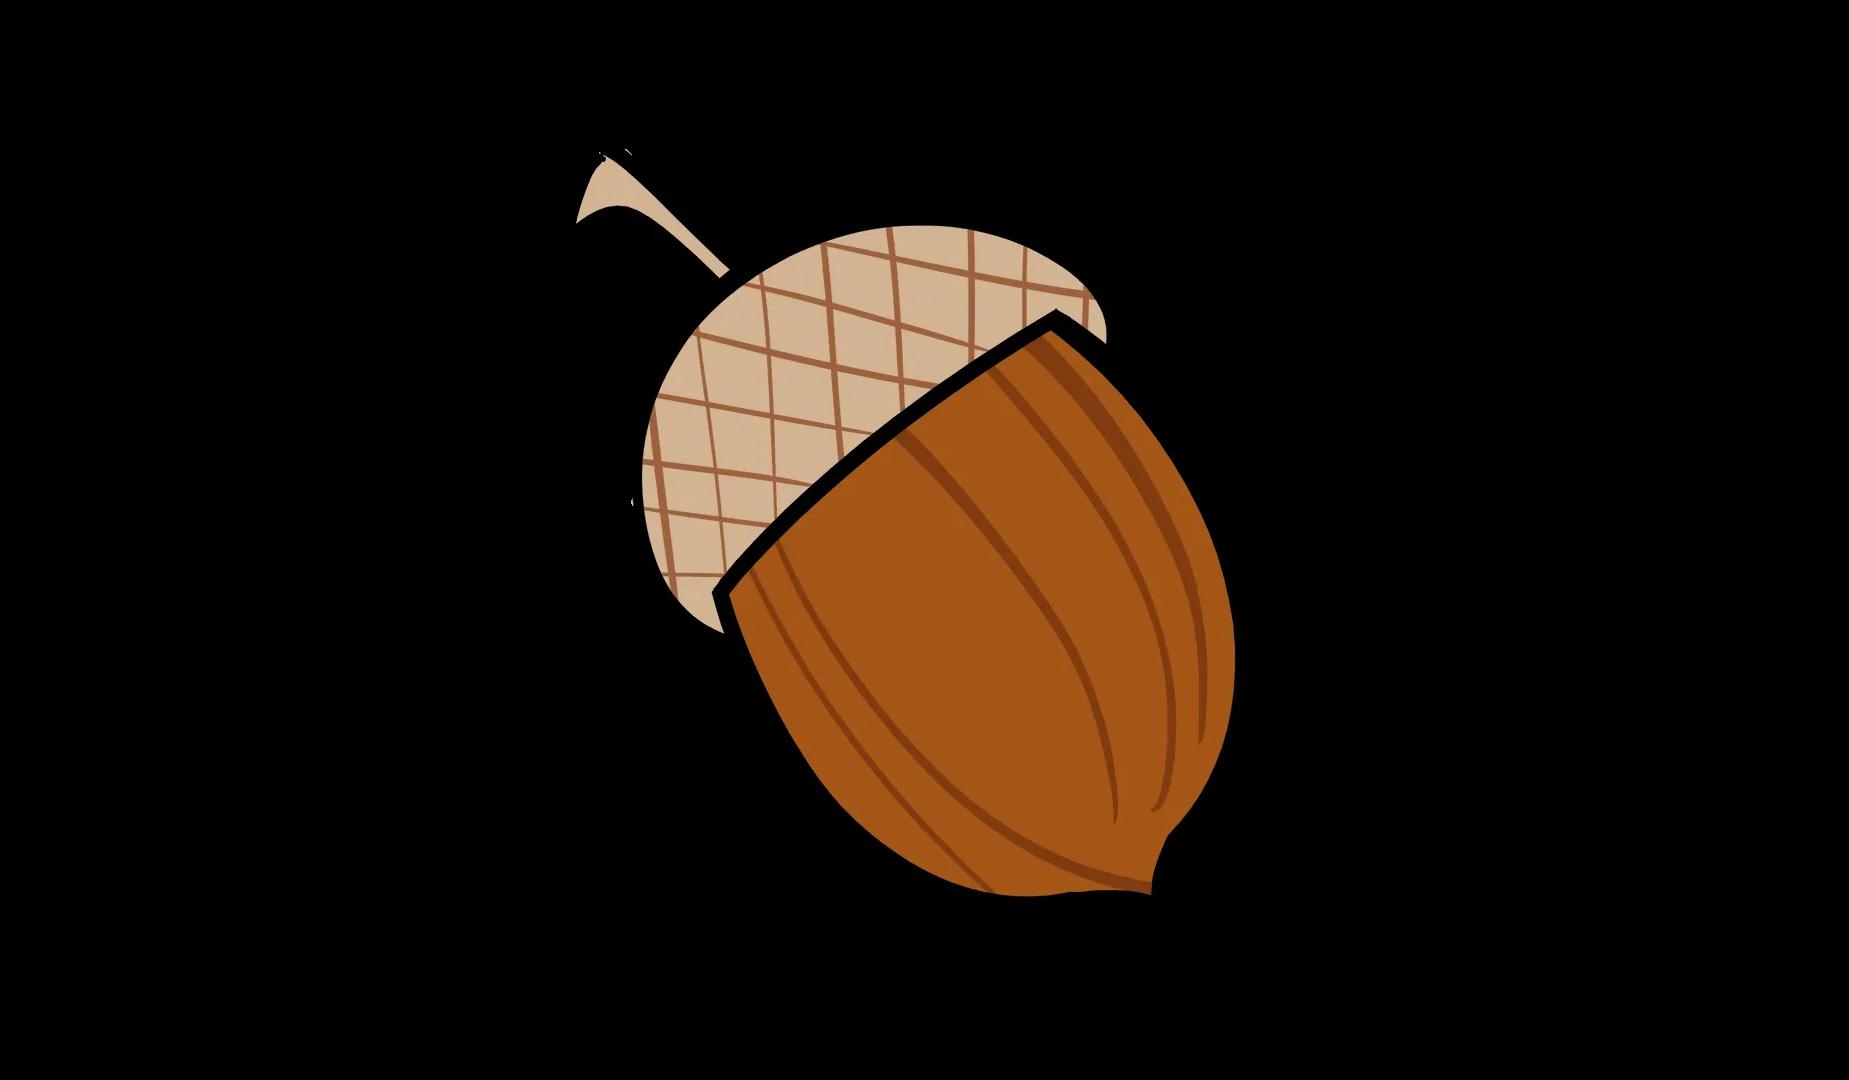 Illustrated acorn